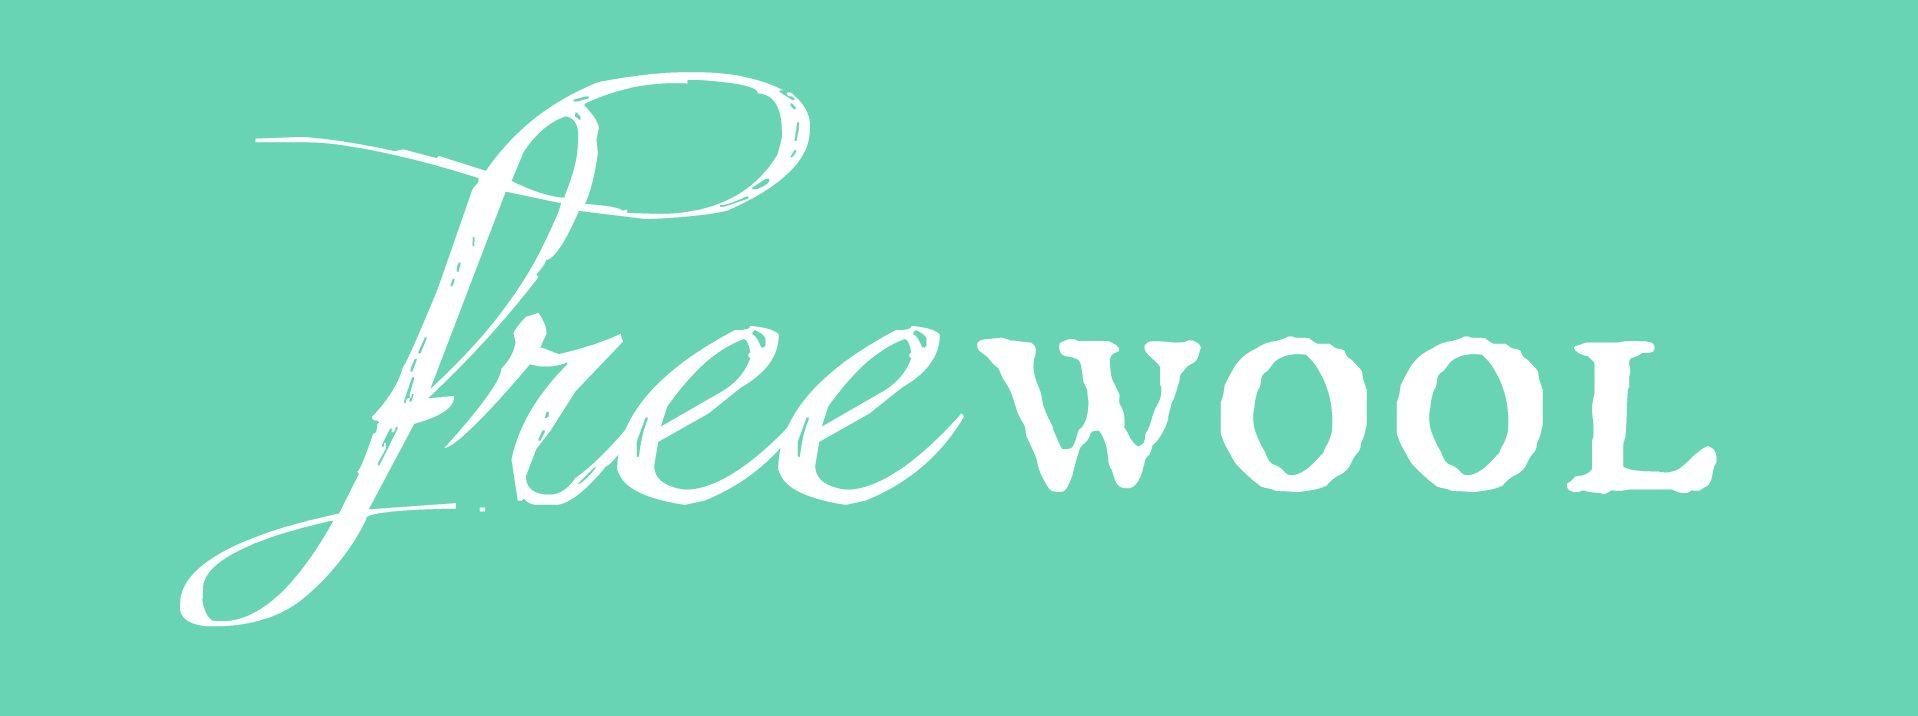 Freewool